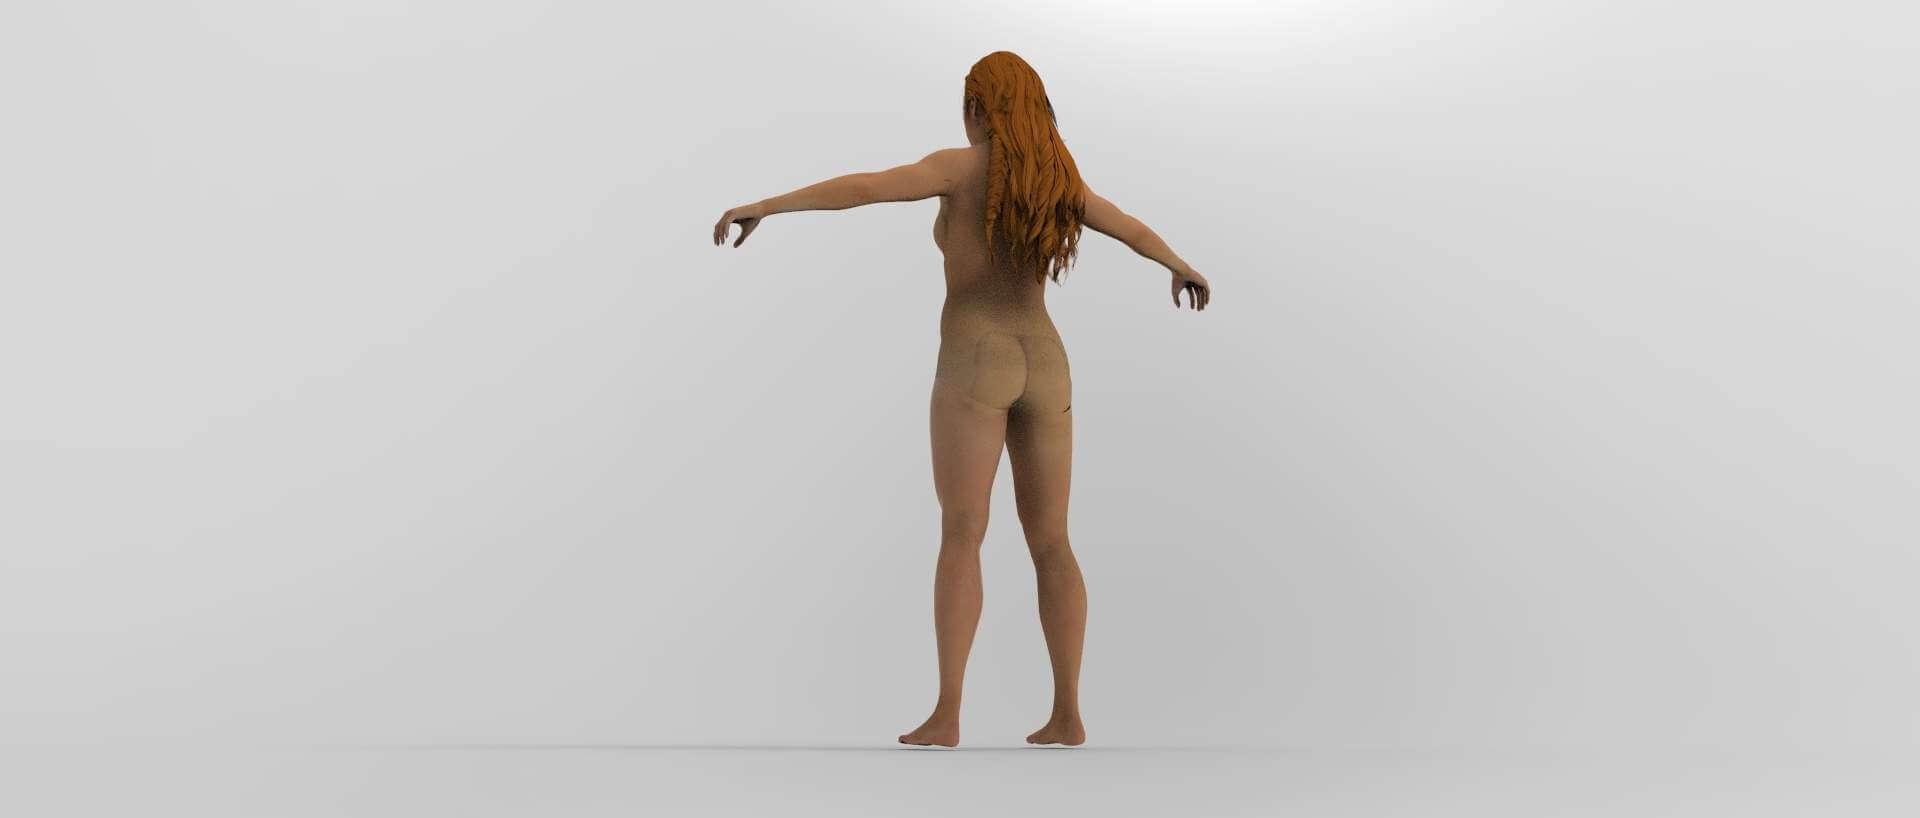 Naked becky lynch Becky Lynch